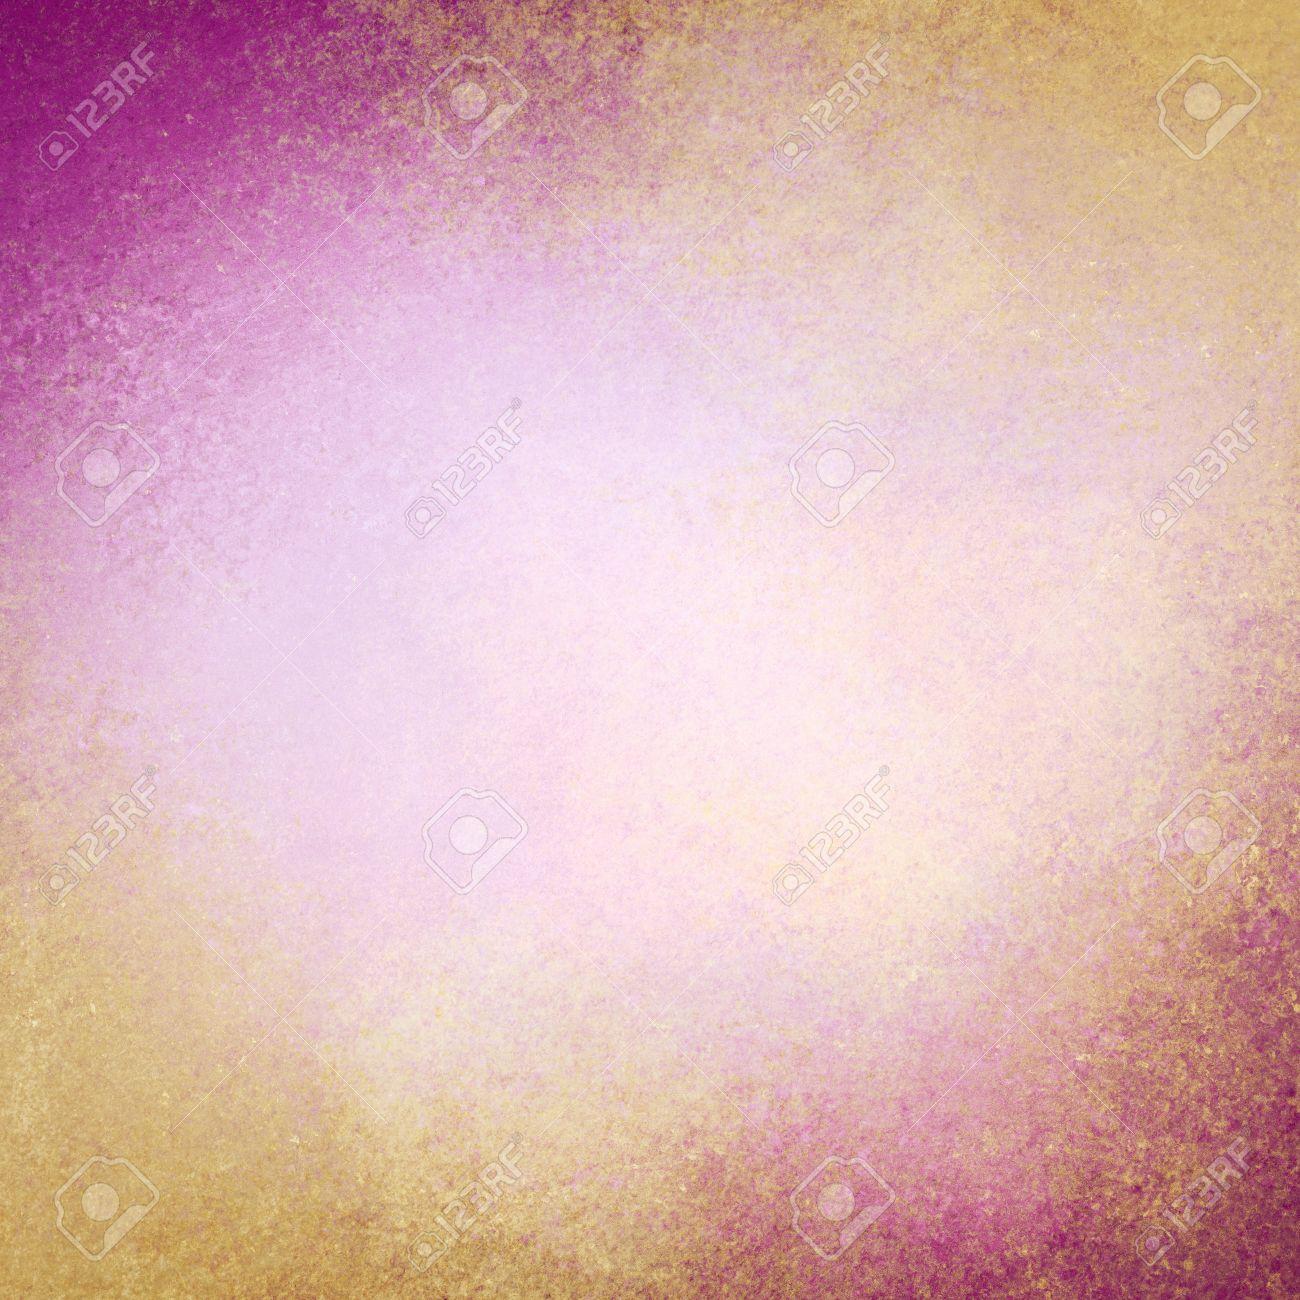 Immagini Stock Astratto Oro Rosa Disegno Di Sfondo Confine è